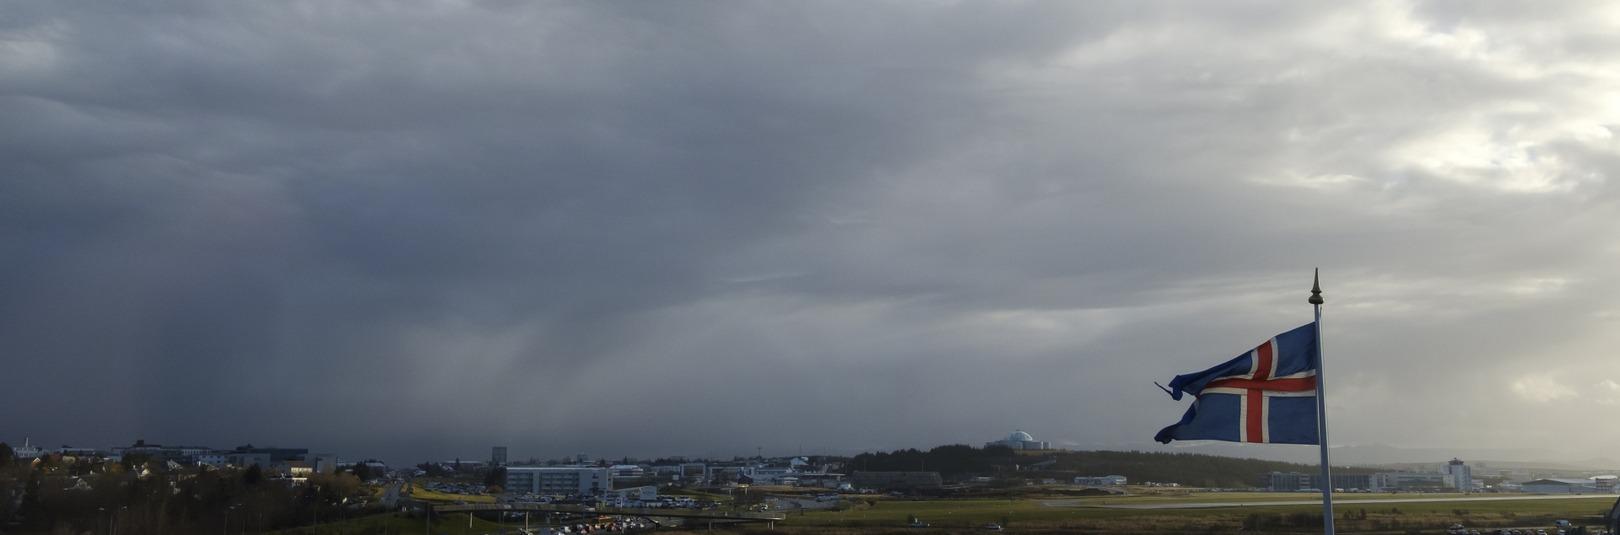 Veiting heiðurdoktorsnafnbótar við Hjúkrunarfræðideild Háskóla Íslands - á vefsíðu Háskóla Íslands